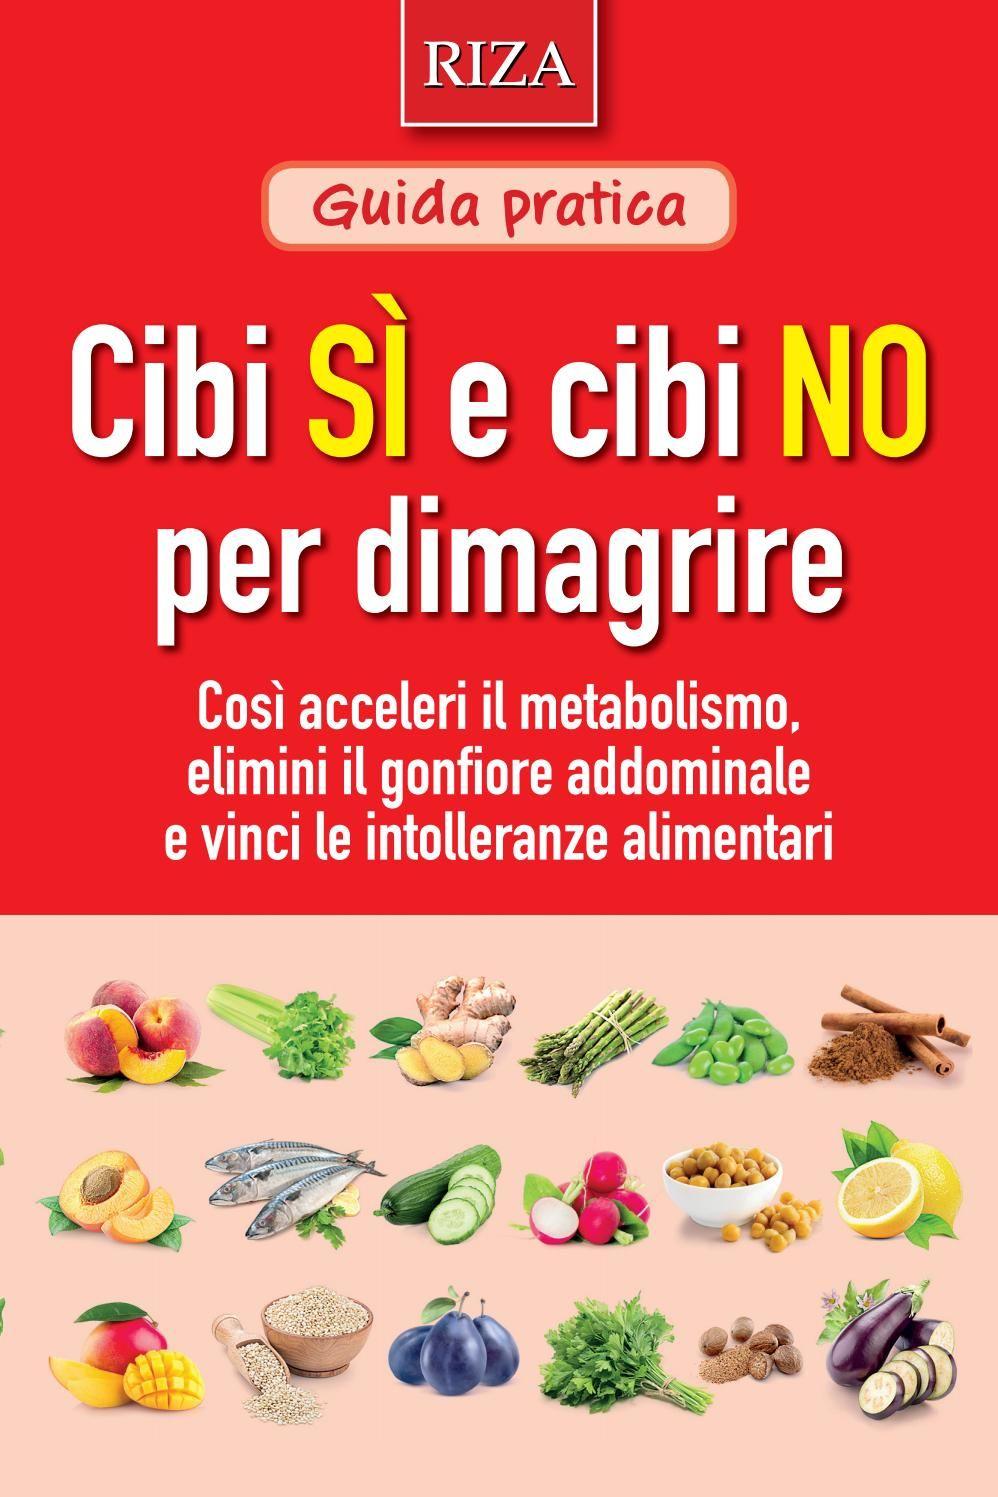 consigli per dimagrire mangiando sano